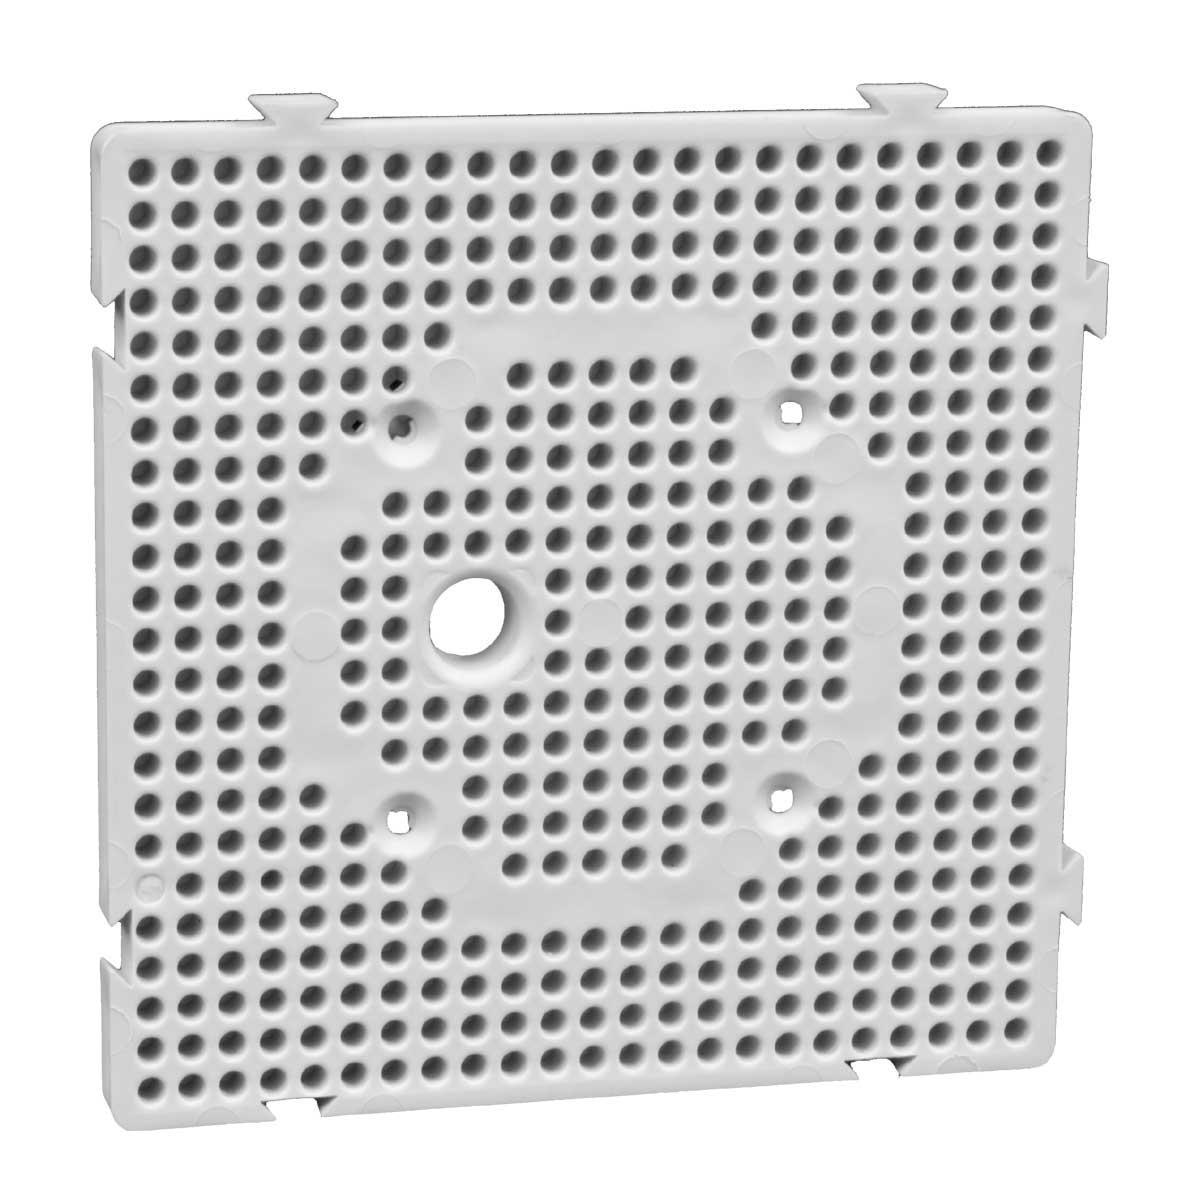 Запасна частина коробки MDZ  (використовується при термоізоляції будівель) матеріал -ПП; розміри 119х119х119мм